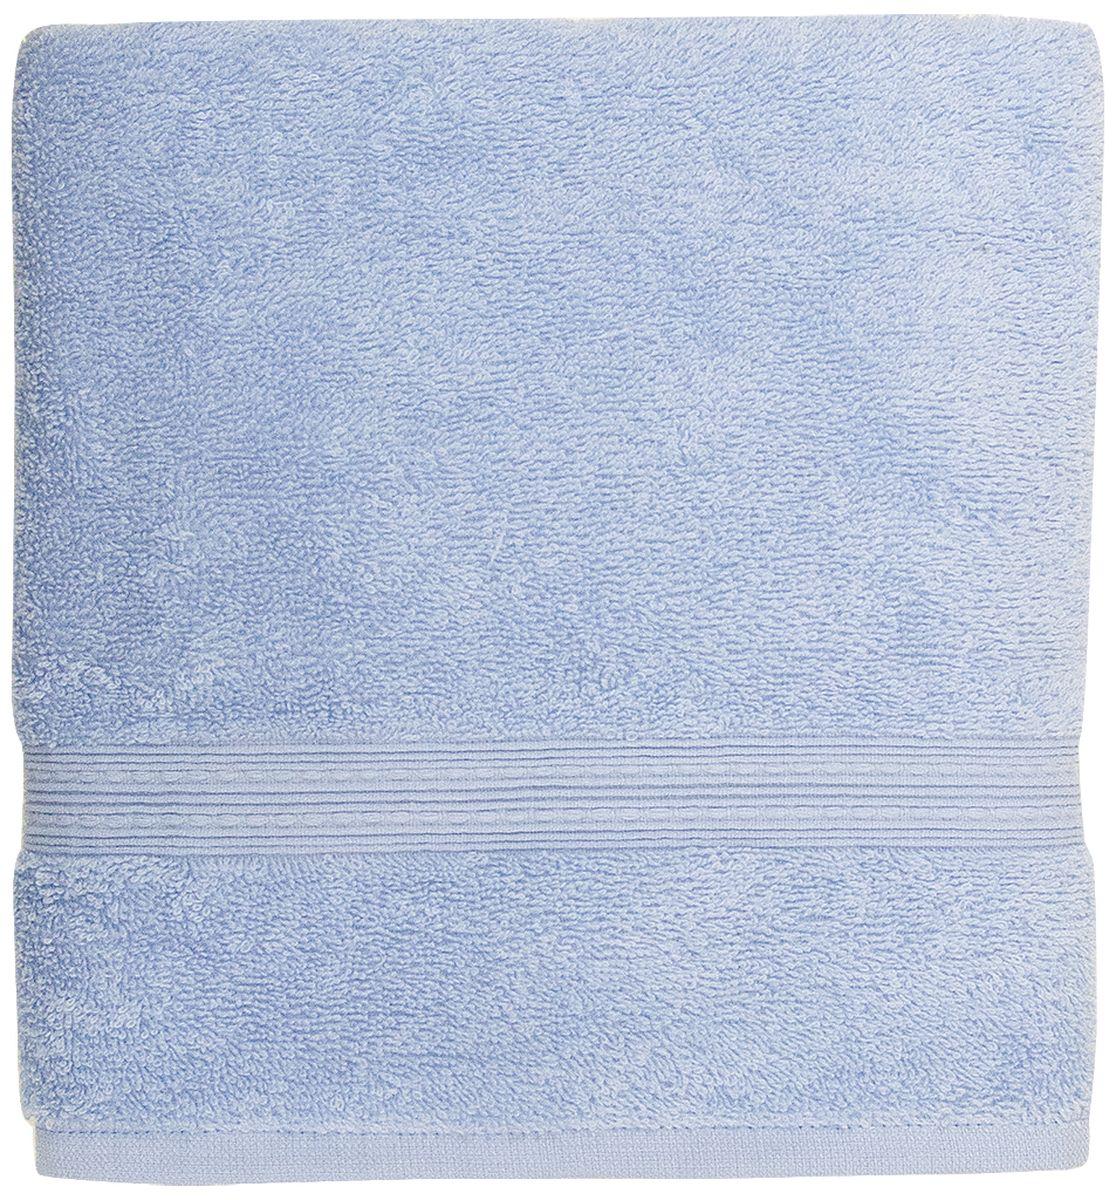 Полотенце банное Bonita Classic, цвет: азур, 50 x 90 см68/5/3Банное полотенце Bonita Classic выполнено из 100% хлопка. Изделие отлично впитывает влагу, быстро сохнет, сохраняет яркость цвета и не теряет форму даже после многократных стирок. Такое полотенце очень практично и неприхотливо в уходе. Оно создаст прекрасное настроение и украсит интерьер в ванной комнате.